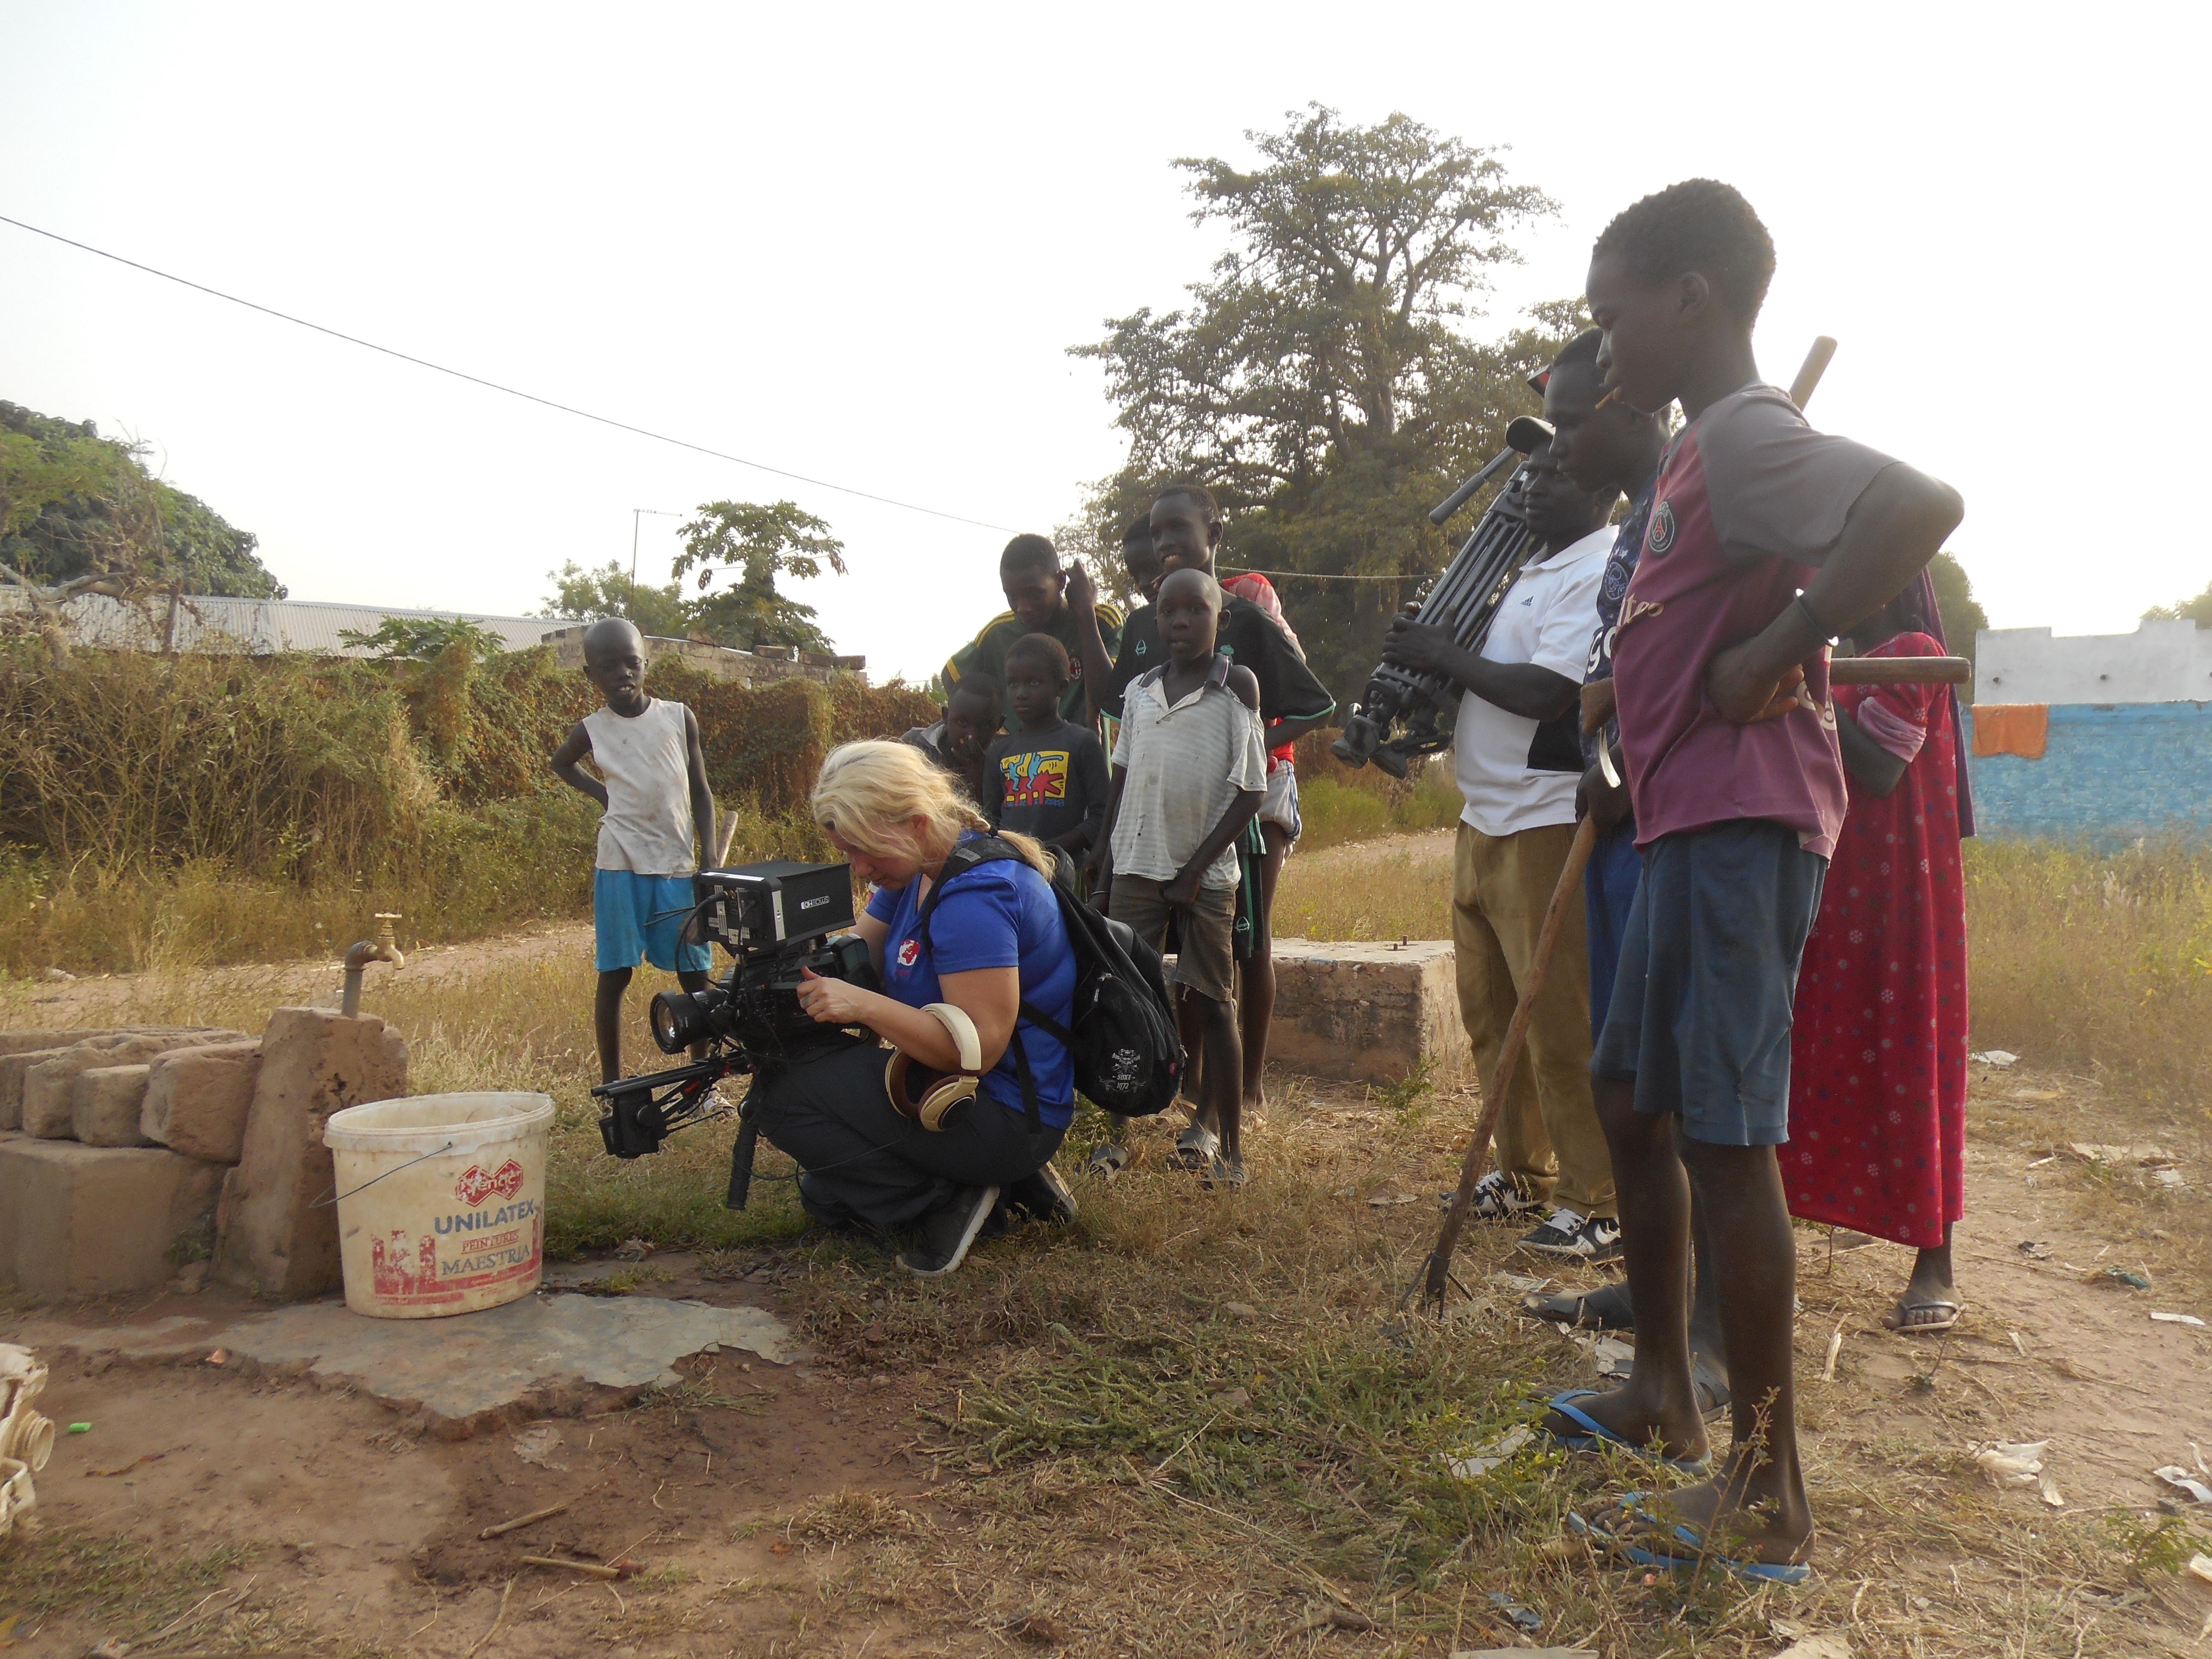 Les cours de santé mondiale au Sénégal